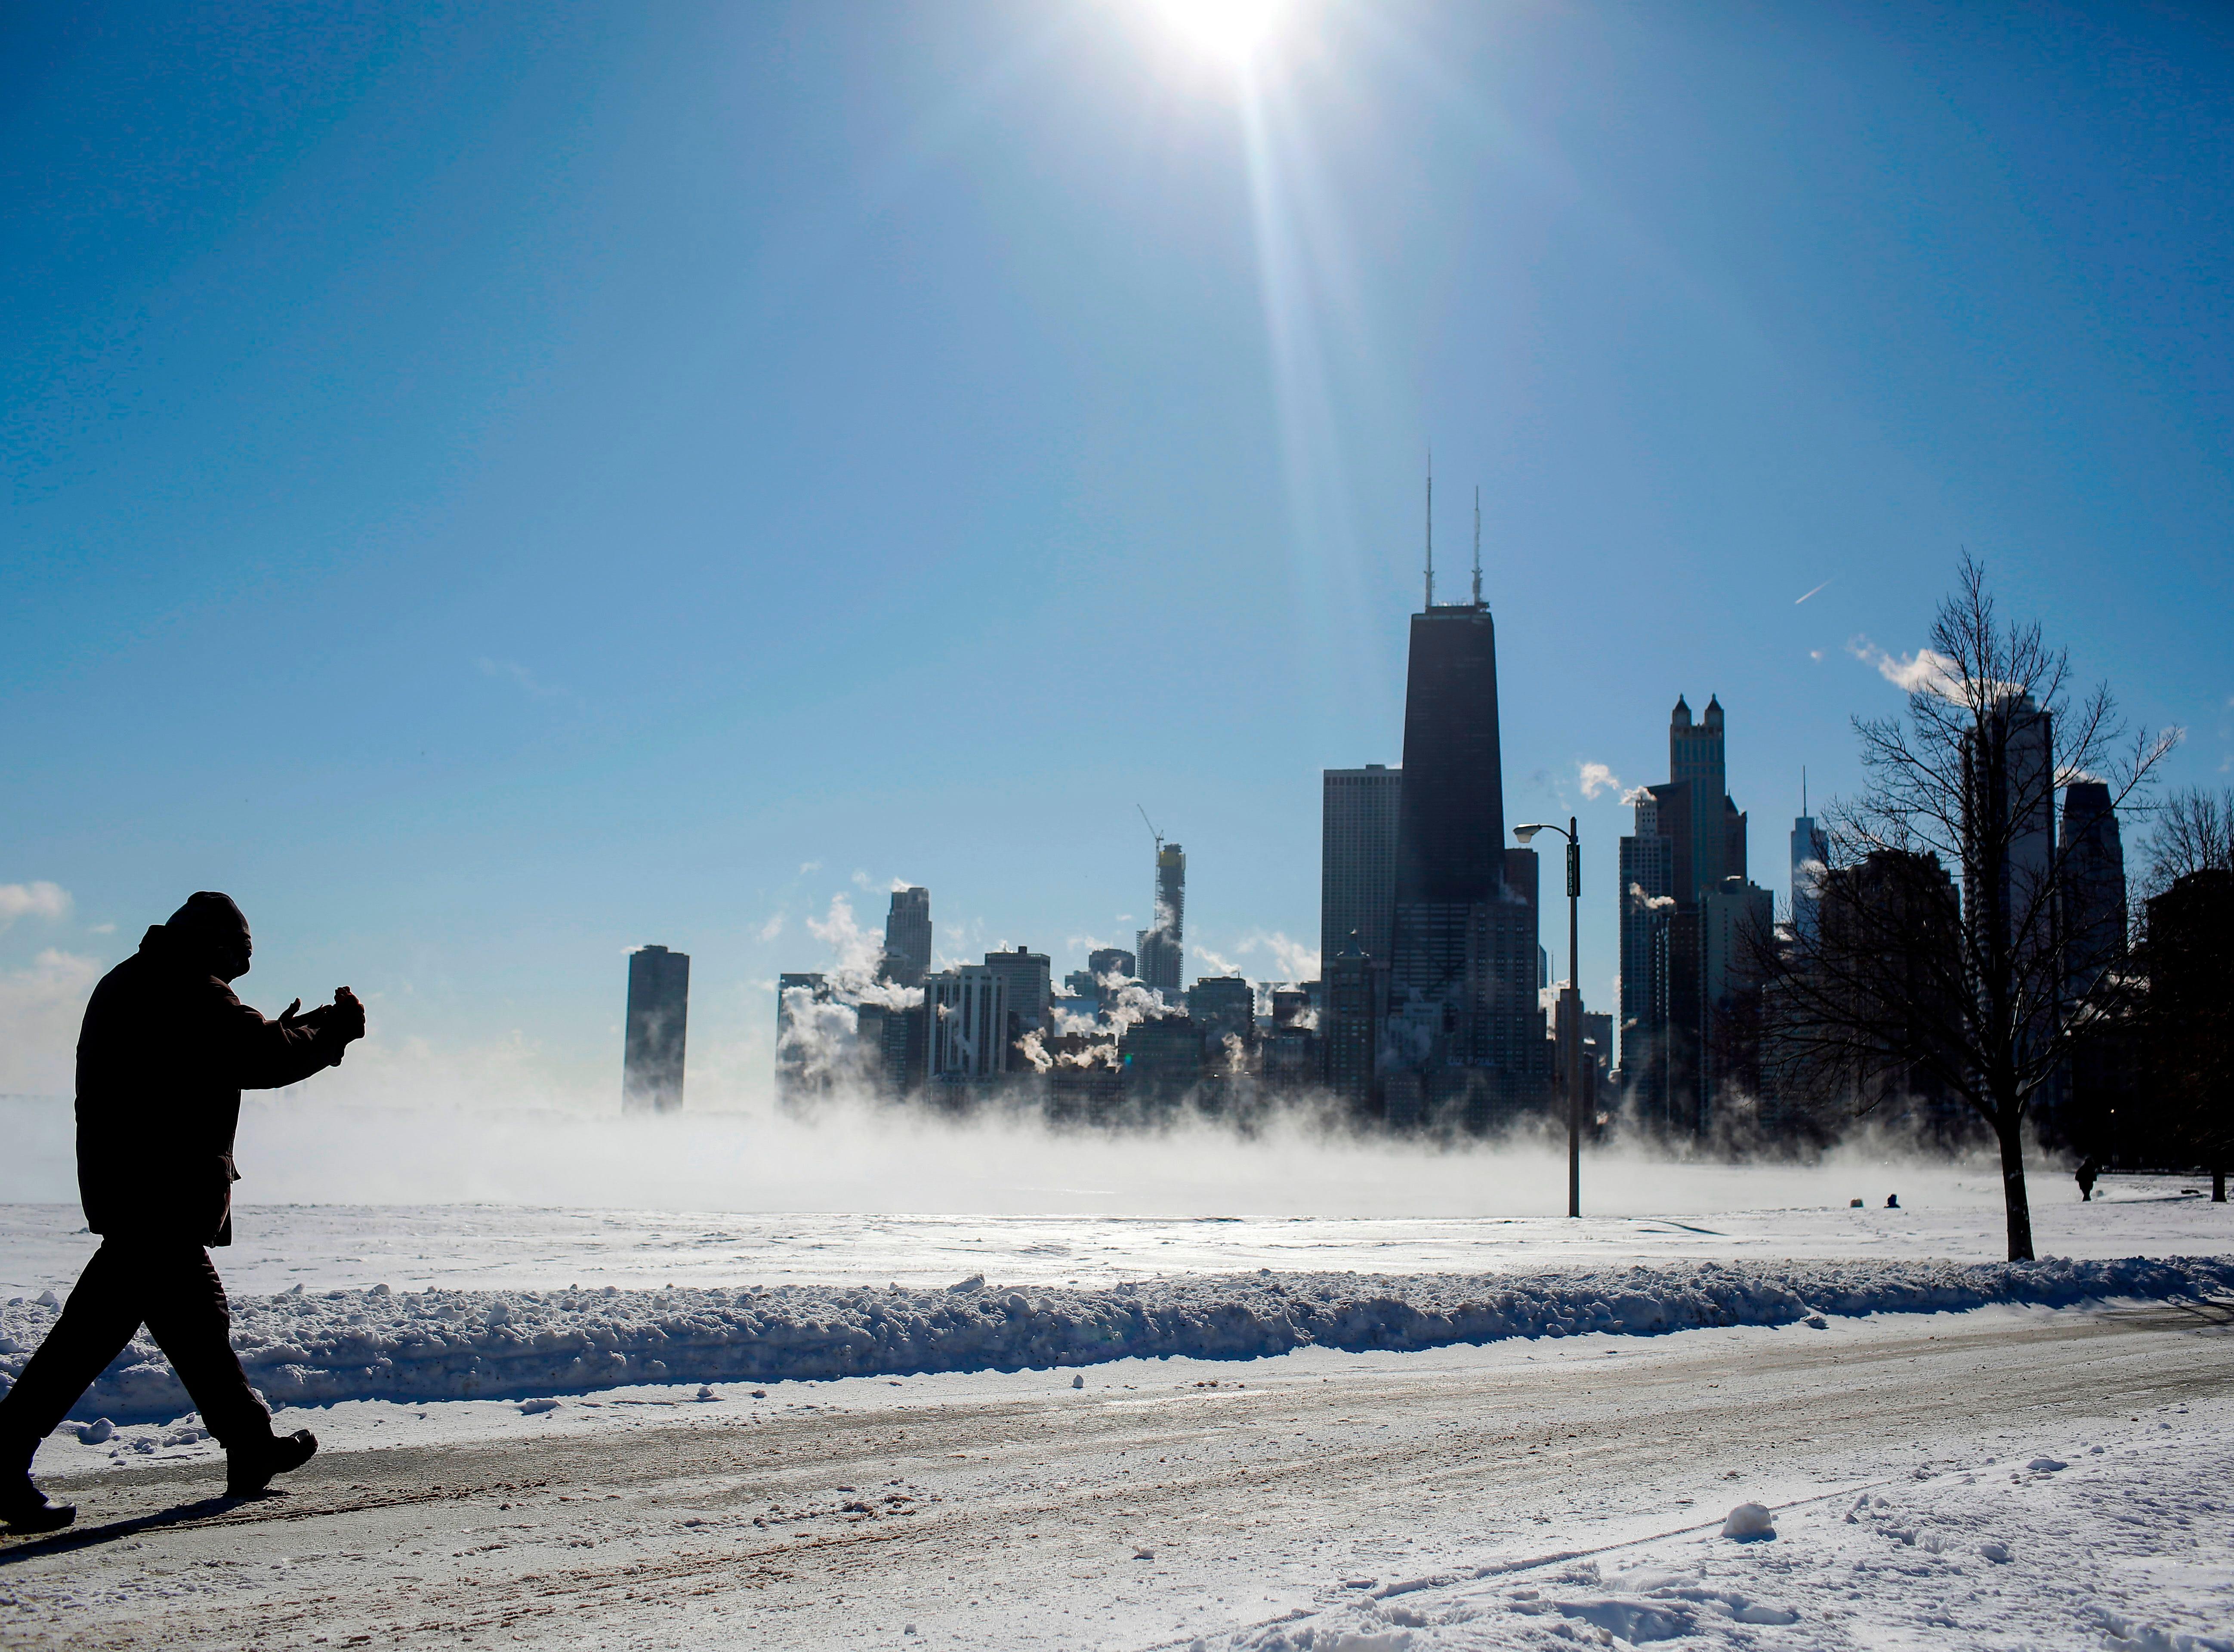 Un hombre toma una foto del lago Michigan y del horizonte cuando las temperaturas bajaron a -20 grados F (-29 C) el 30 de enero de 2019 en Chicago, Illinois.